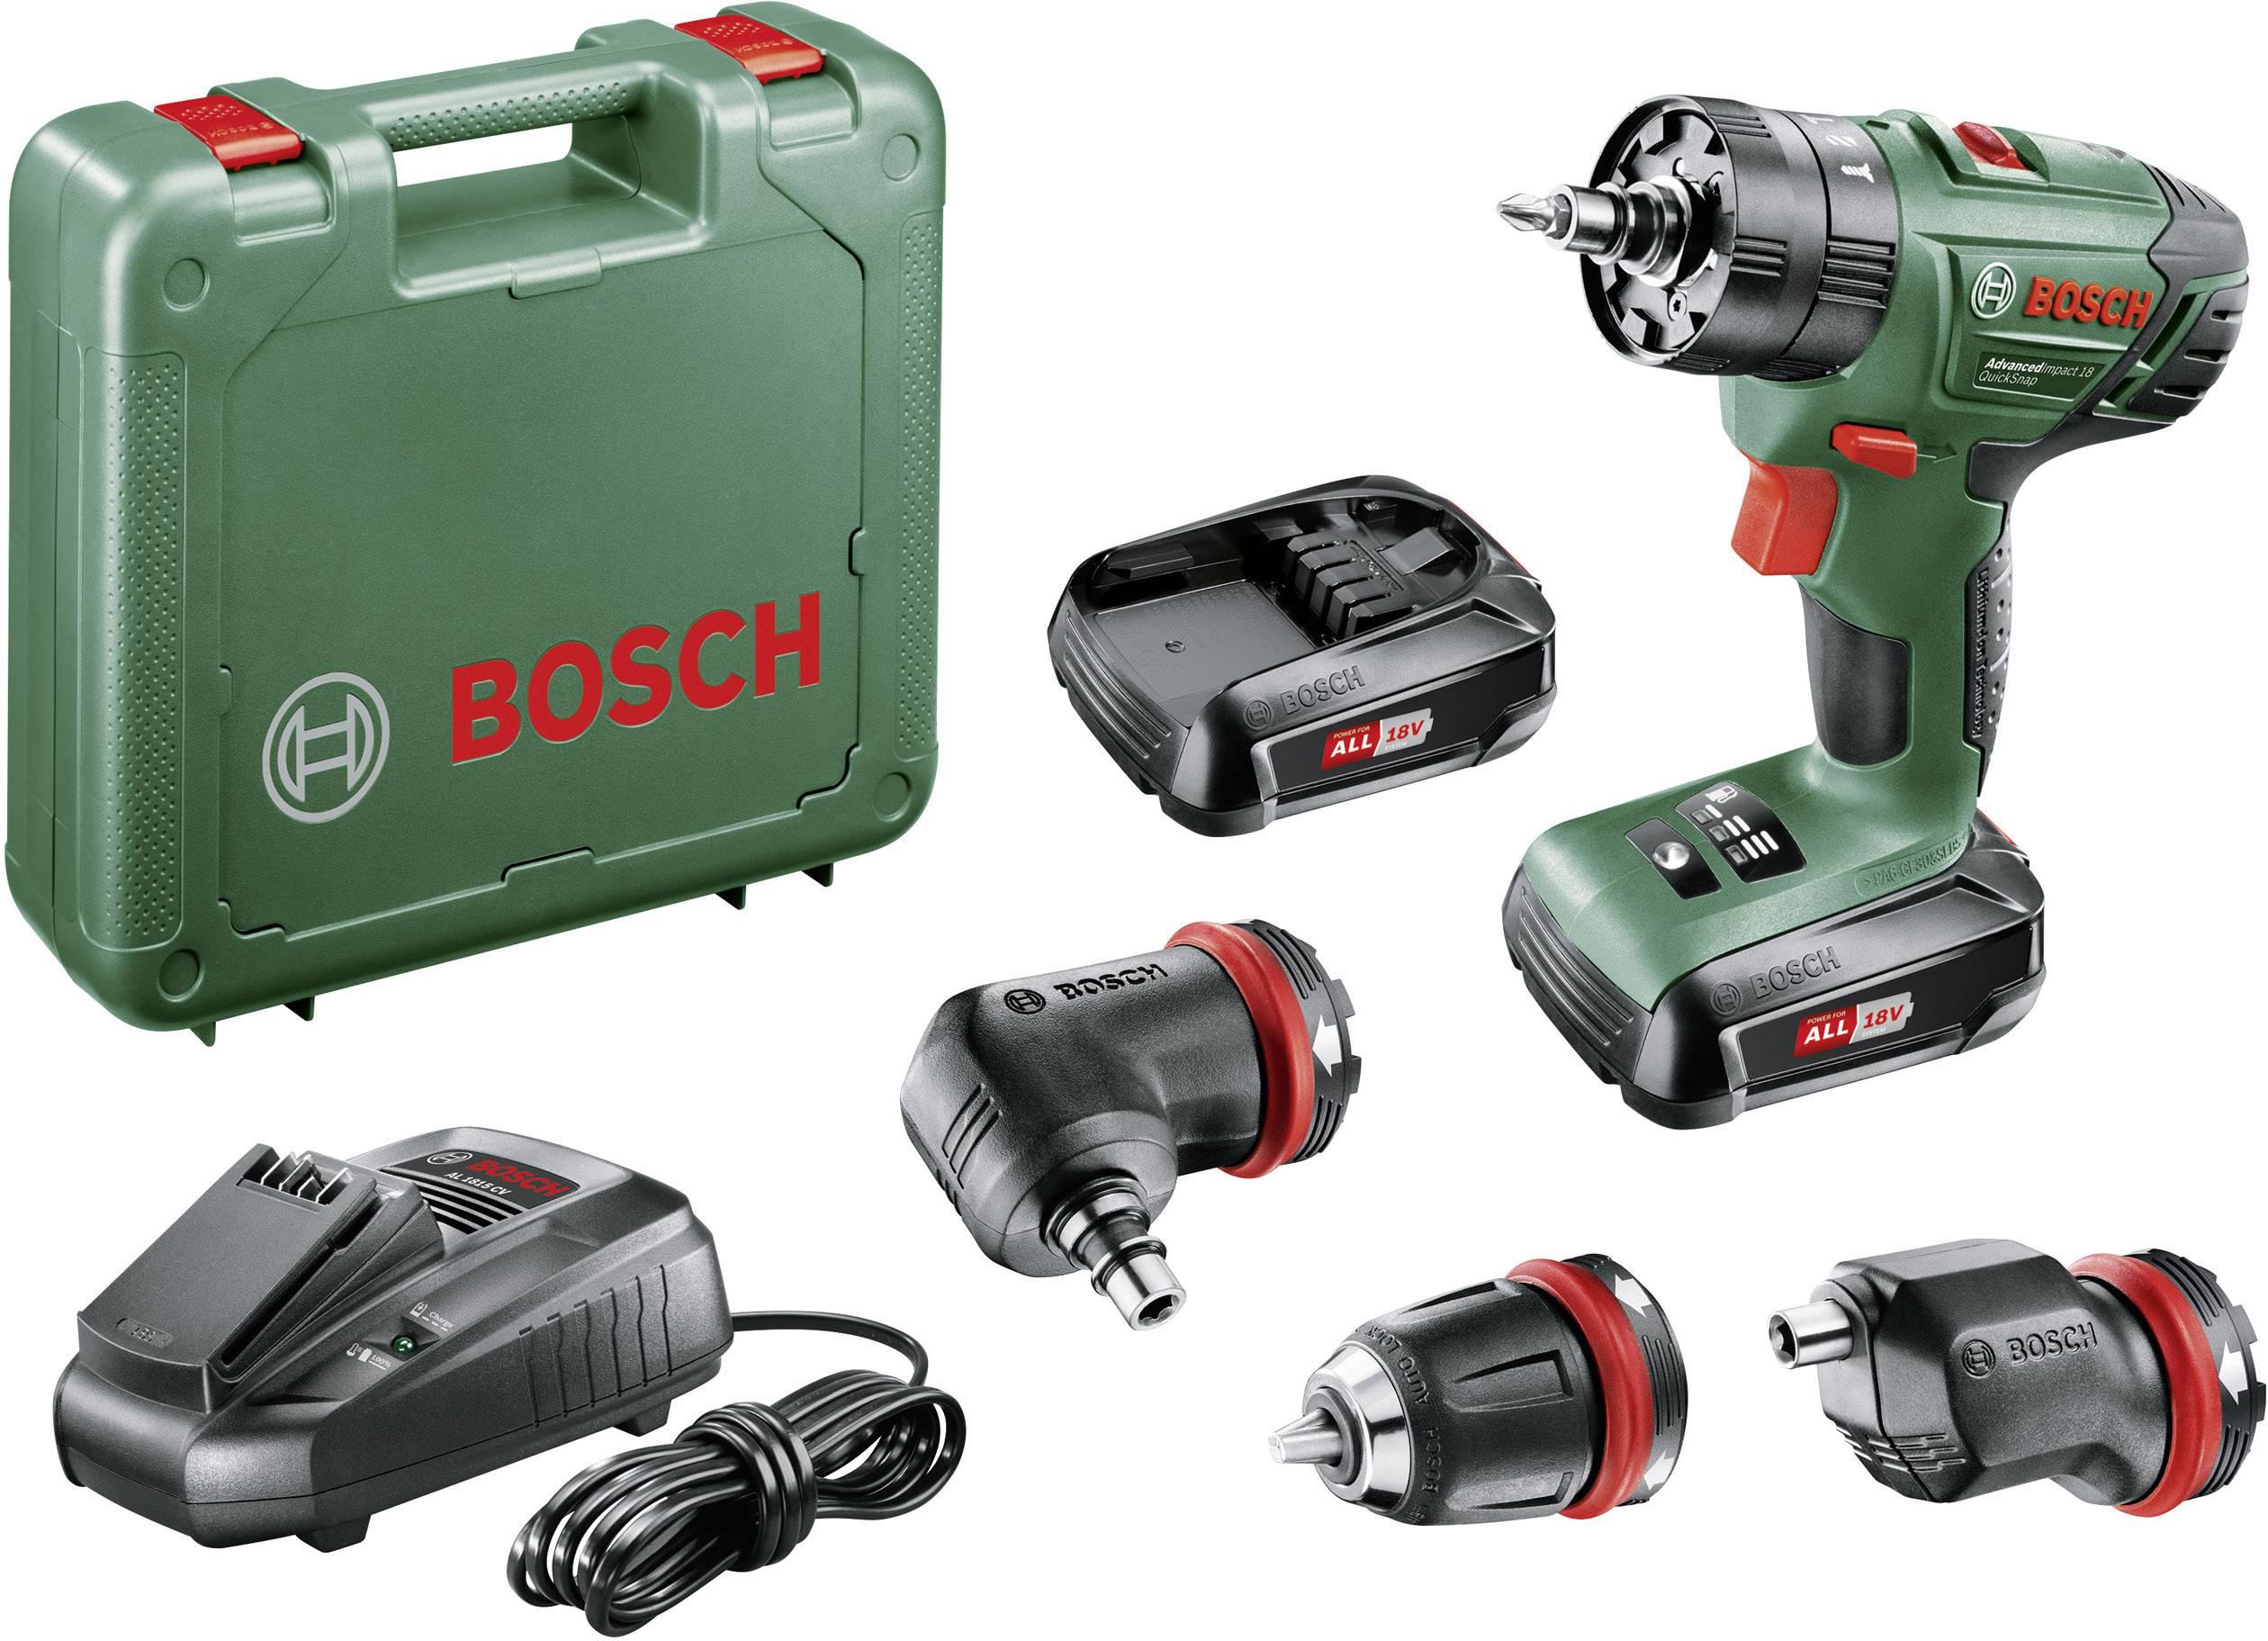 Akupríklepová vŕtačka Bosch Home and Garden AdvancedImpact 18 06039A3401, 18 V, 1.5 Ah, Li-Ion akumulátor